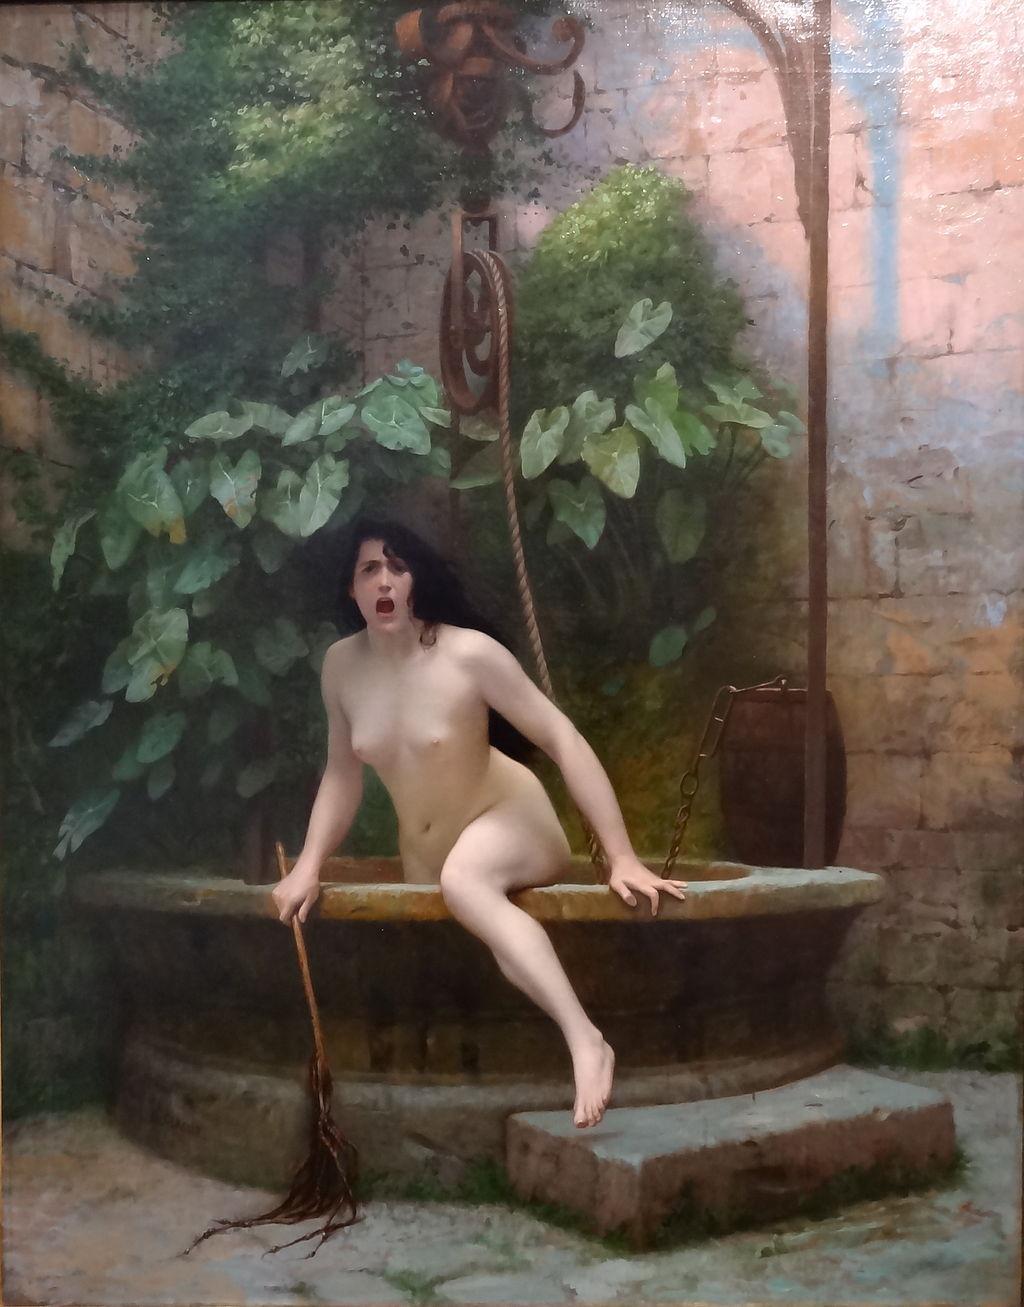 La verdad saliendo del pozo (La Vérité sortant du puits), de Jean Léon Gerome 1896. Wikimedia Commons